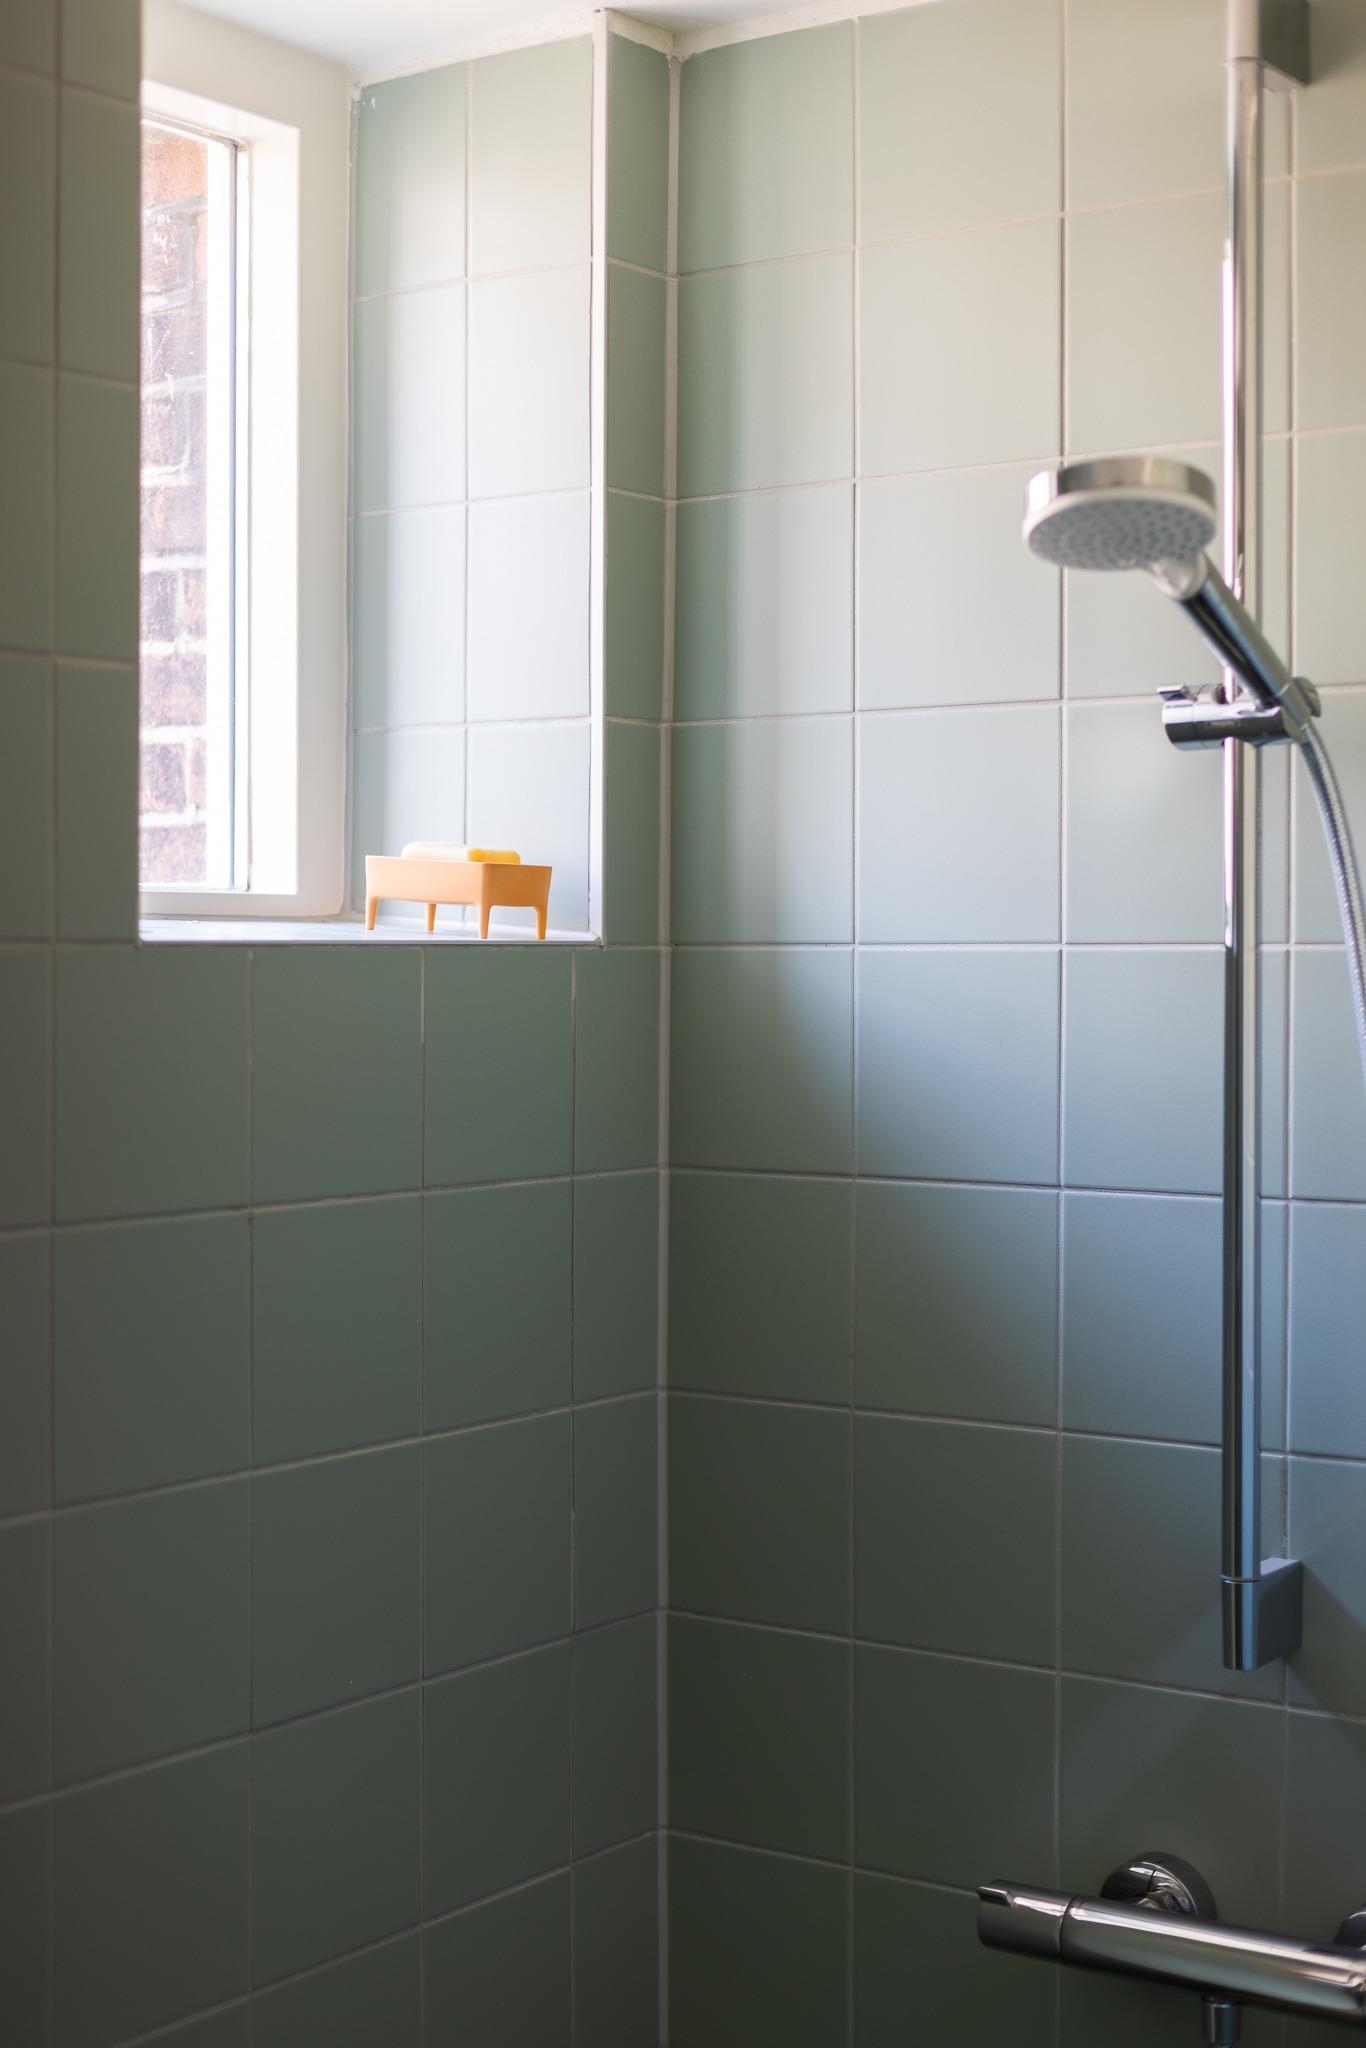 bubblebuddy_interiorshot_lowress_vertical_orange.jpg